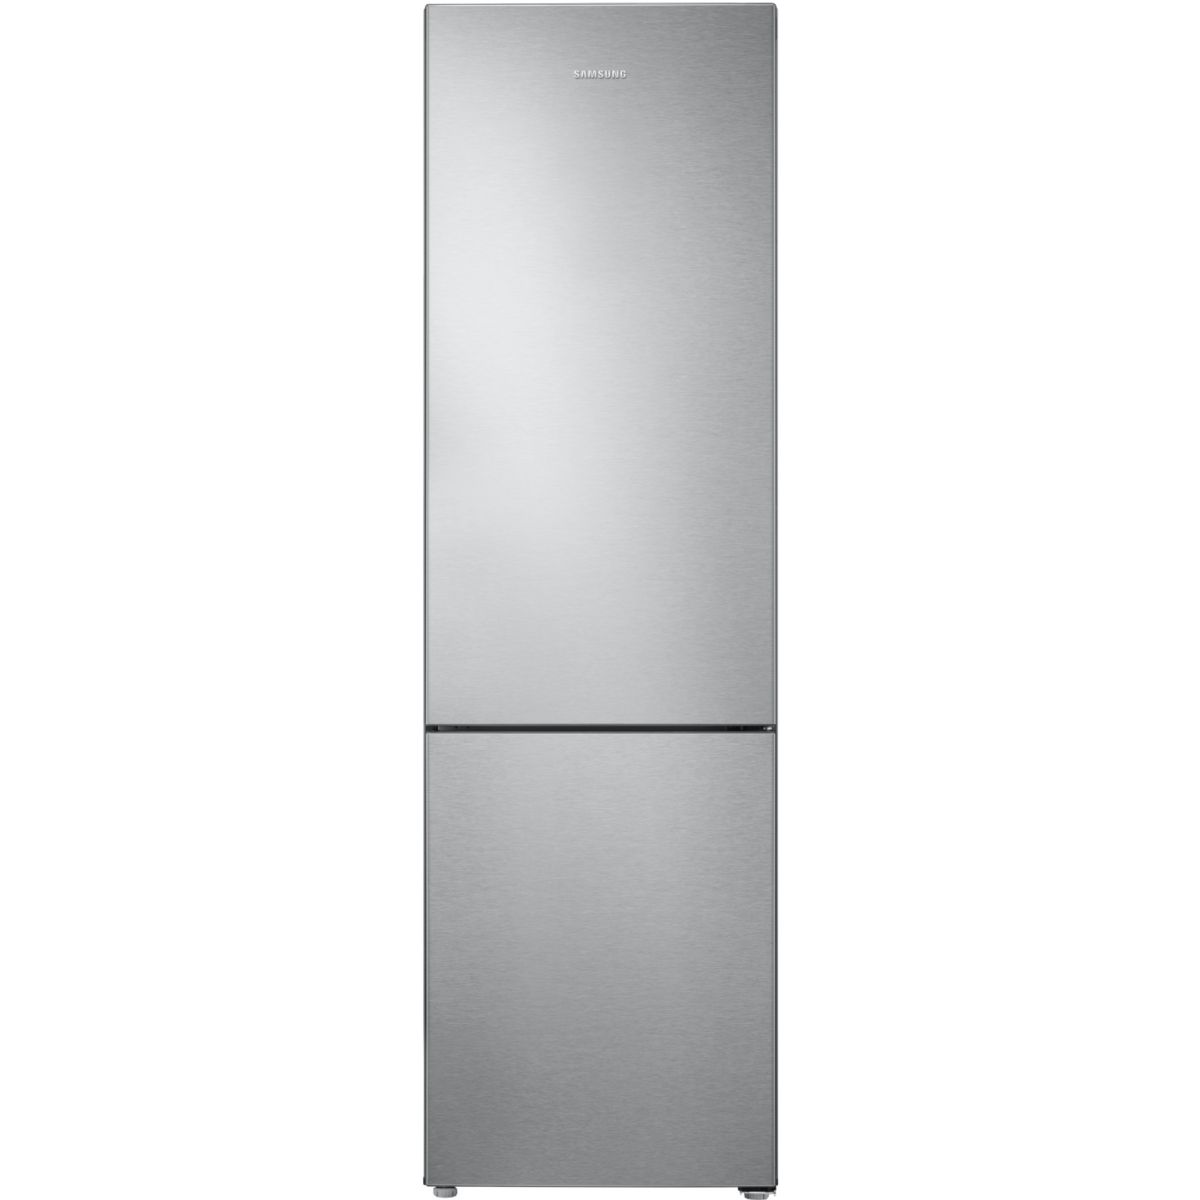 Réfrigérateur combiné SAMSUNG RB37J5000SA